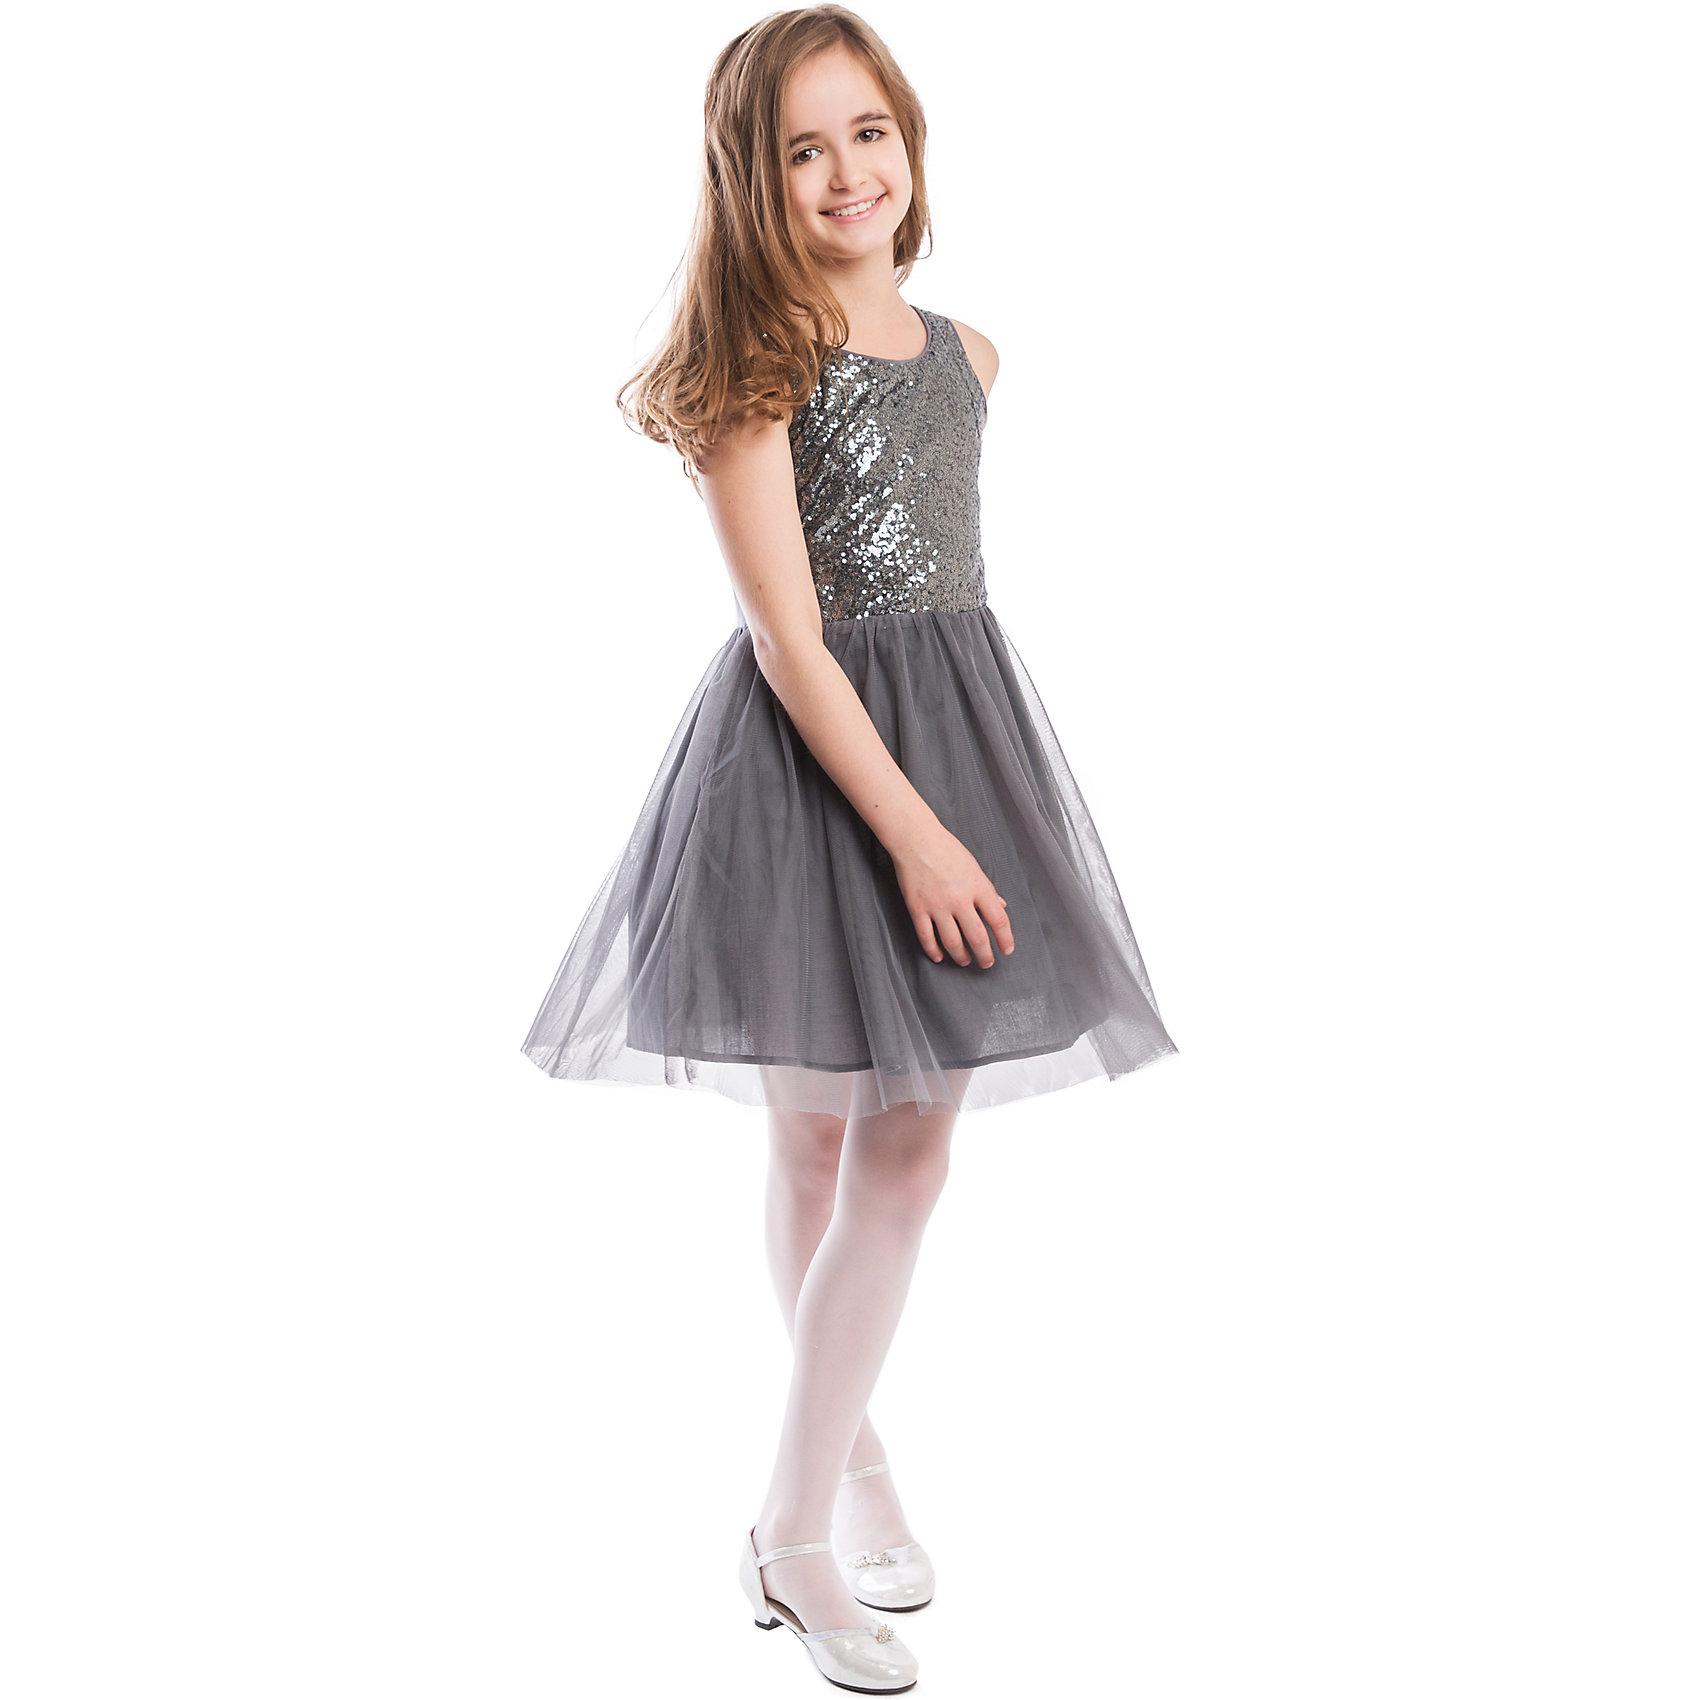 Платье ScoolПлатье Scool <br><br>Состав: <br>Верх: 66% вискоза, 29% полиэстер, 5% эластан, <br>Юбка: 100% полиэстер, <br>Подкладка: 100% хлопок <br><br>Серебристое платье с пайетками в стиле 70-х. <br>Стиль диско появился во времена открытия космоса, платья стали сверкать и переливаться, как звезды. <br>Платье без рукавов, ребенку не будет жарко, даже если ходить в нем целый день. <br>Внутри мягкая хлопковая подкладка.<br><br>Ширина мм: 236<br>Глубина мм: 16<br>Высота мм: 184<br>Вес г: 177<br>Цвет: серый<br>Возраст от месяцев: 132<br>Возраст до месяцев: 144<br>Пол: Женский<br>Возраст: Детский<br>Размер: 140,158,164,134,146,152<br>SKU: 4305481